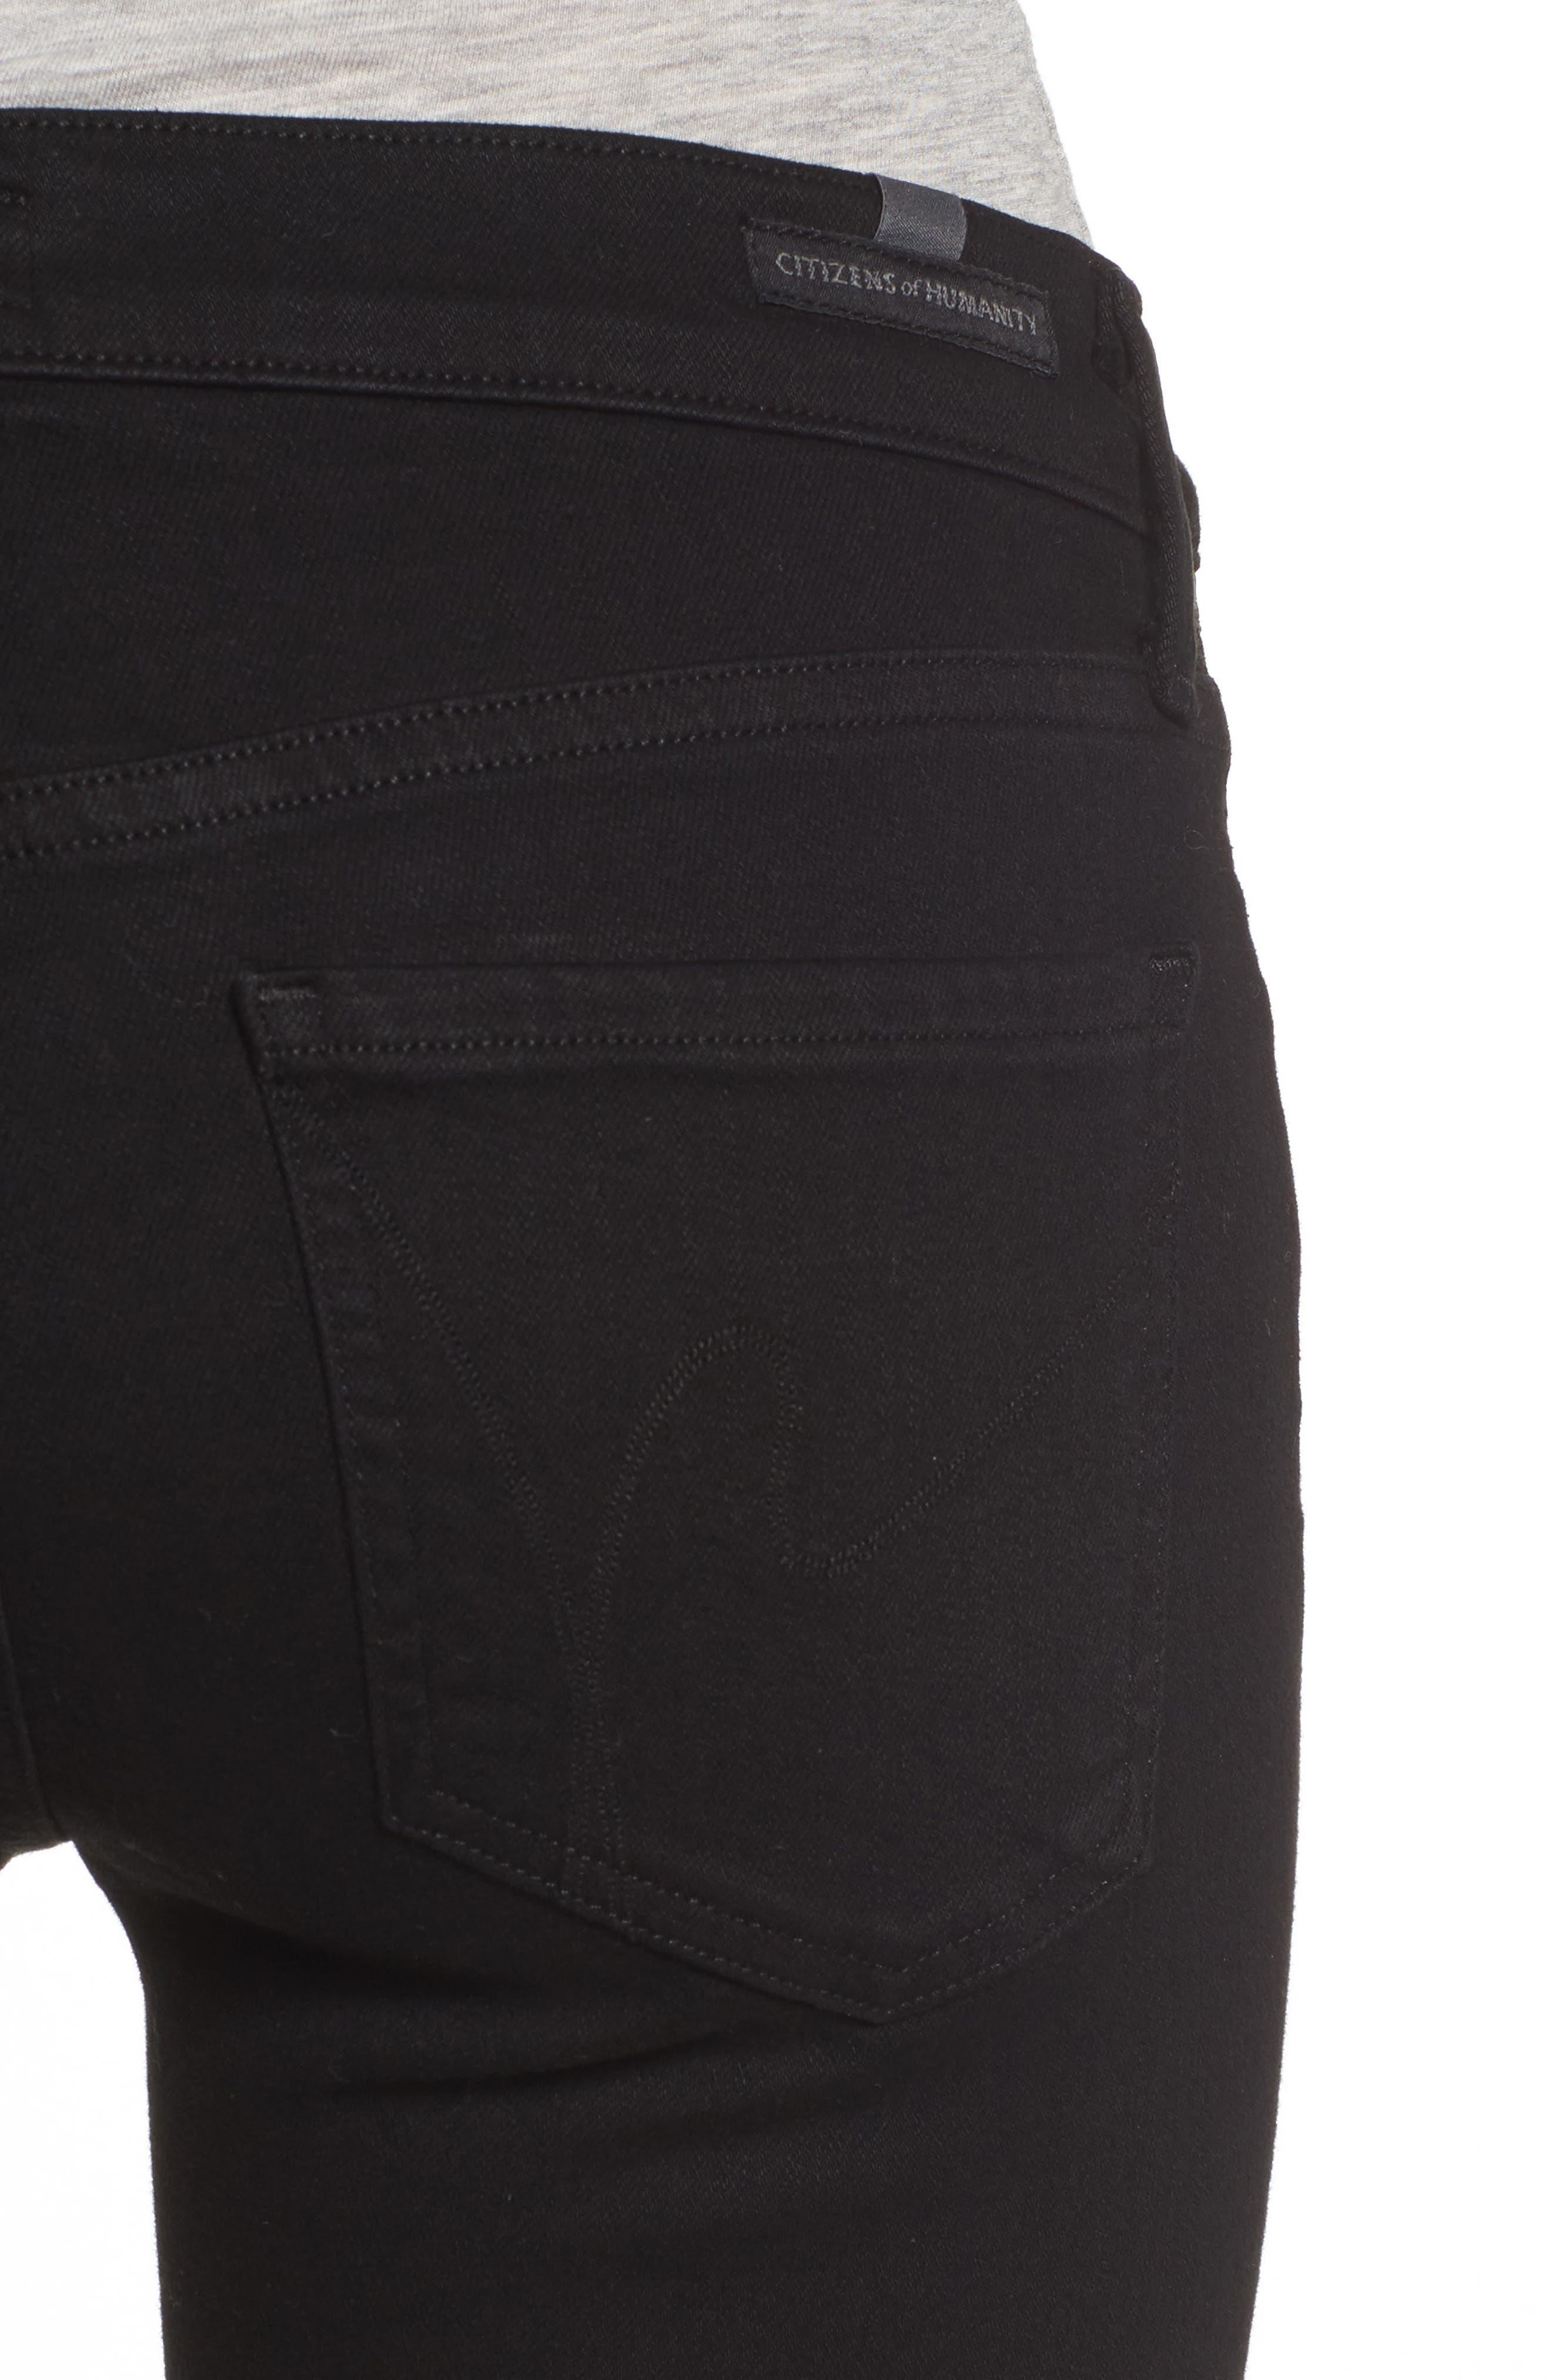 Emmanuelle Crop Slim Bootcut Jeans,                             Alternate thumbnail 4, color,                             Tuxedo